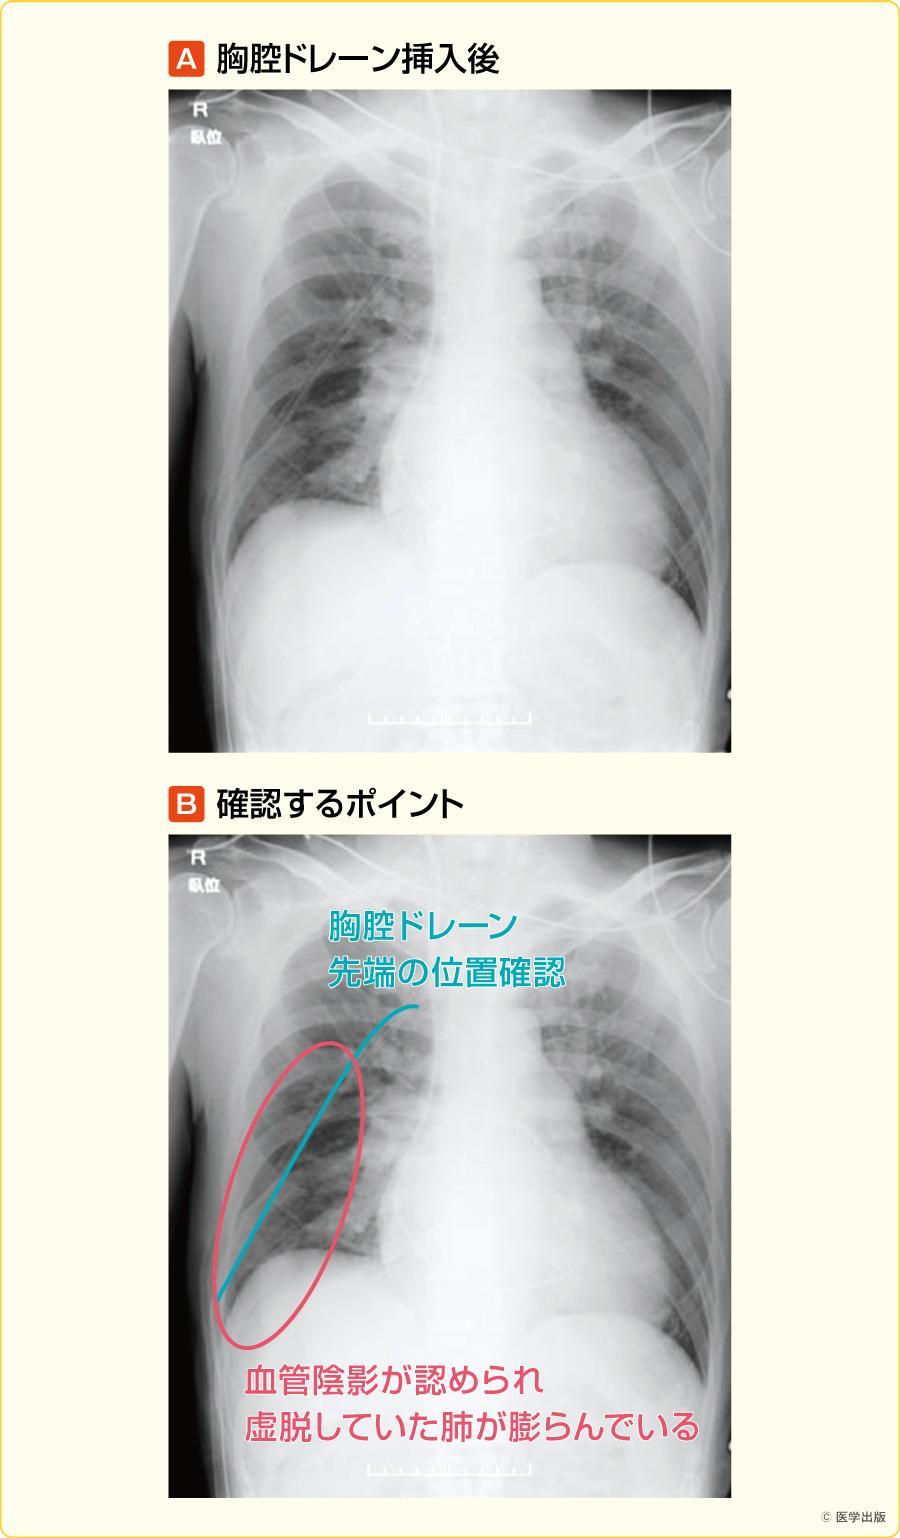 肺水腫 無料人名人物検索